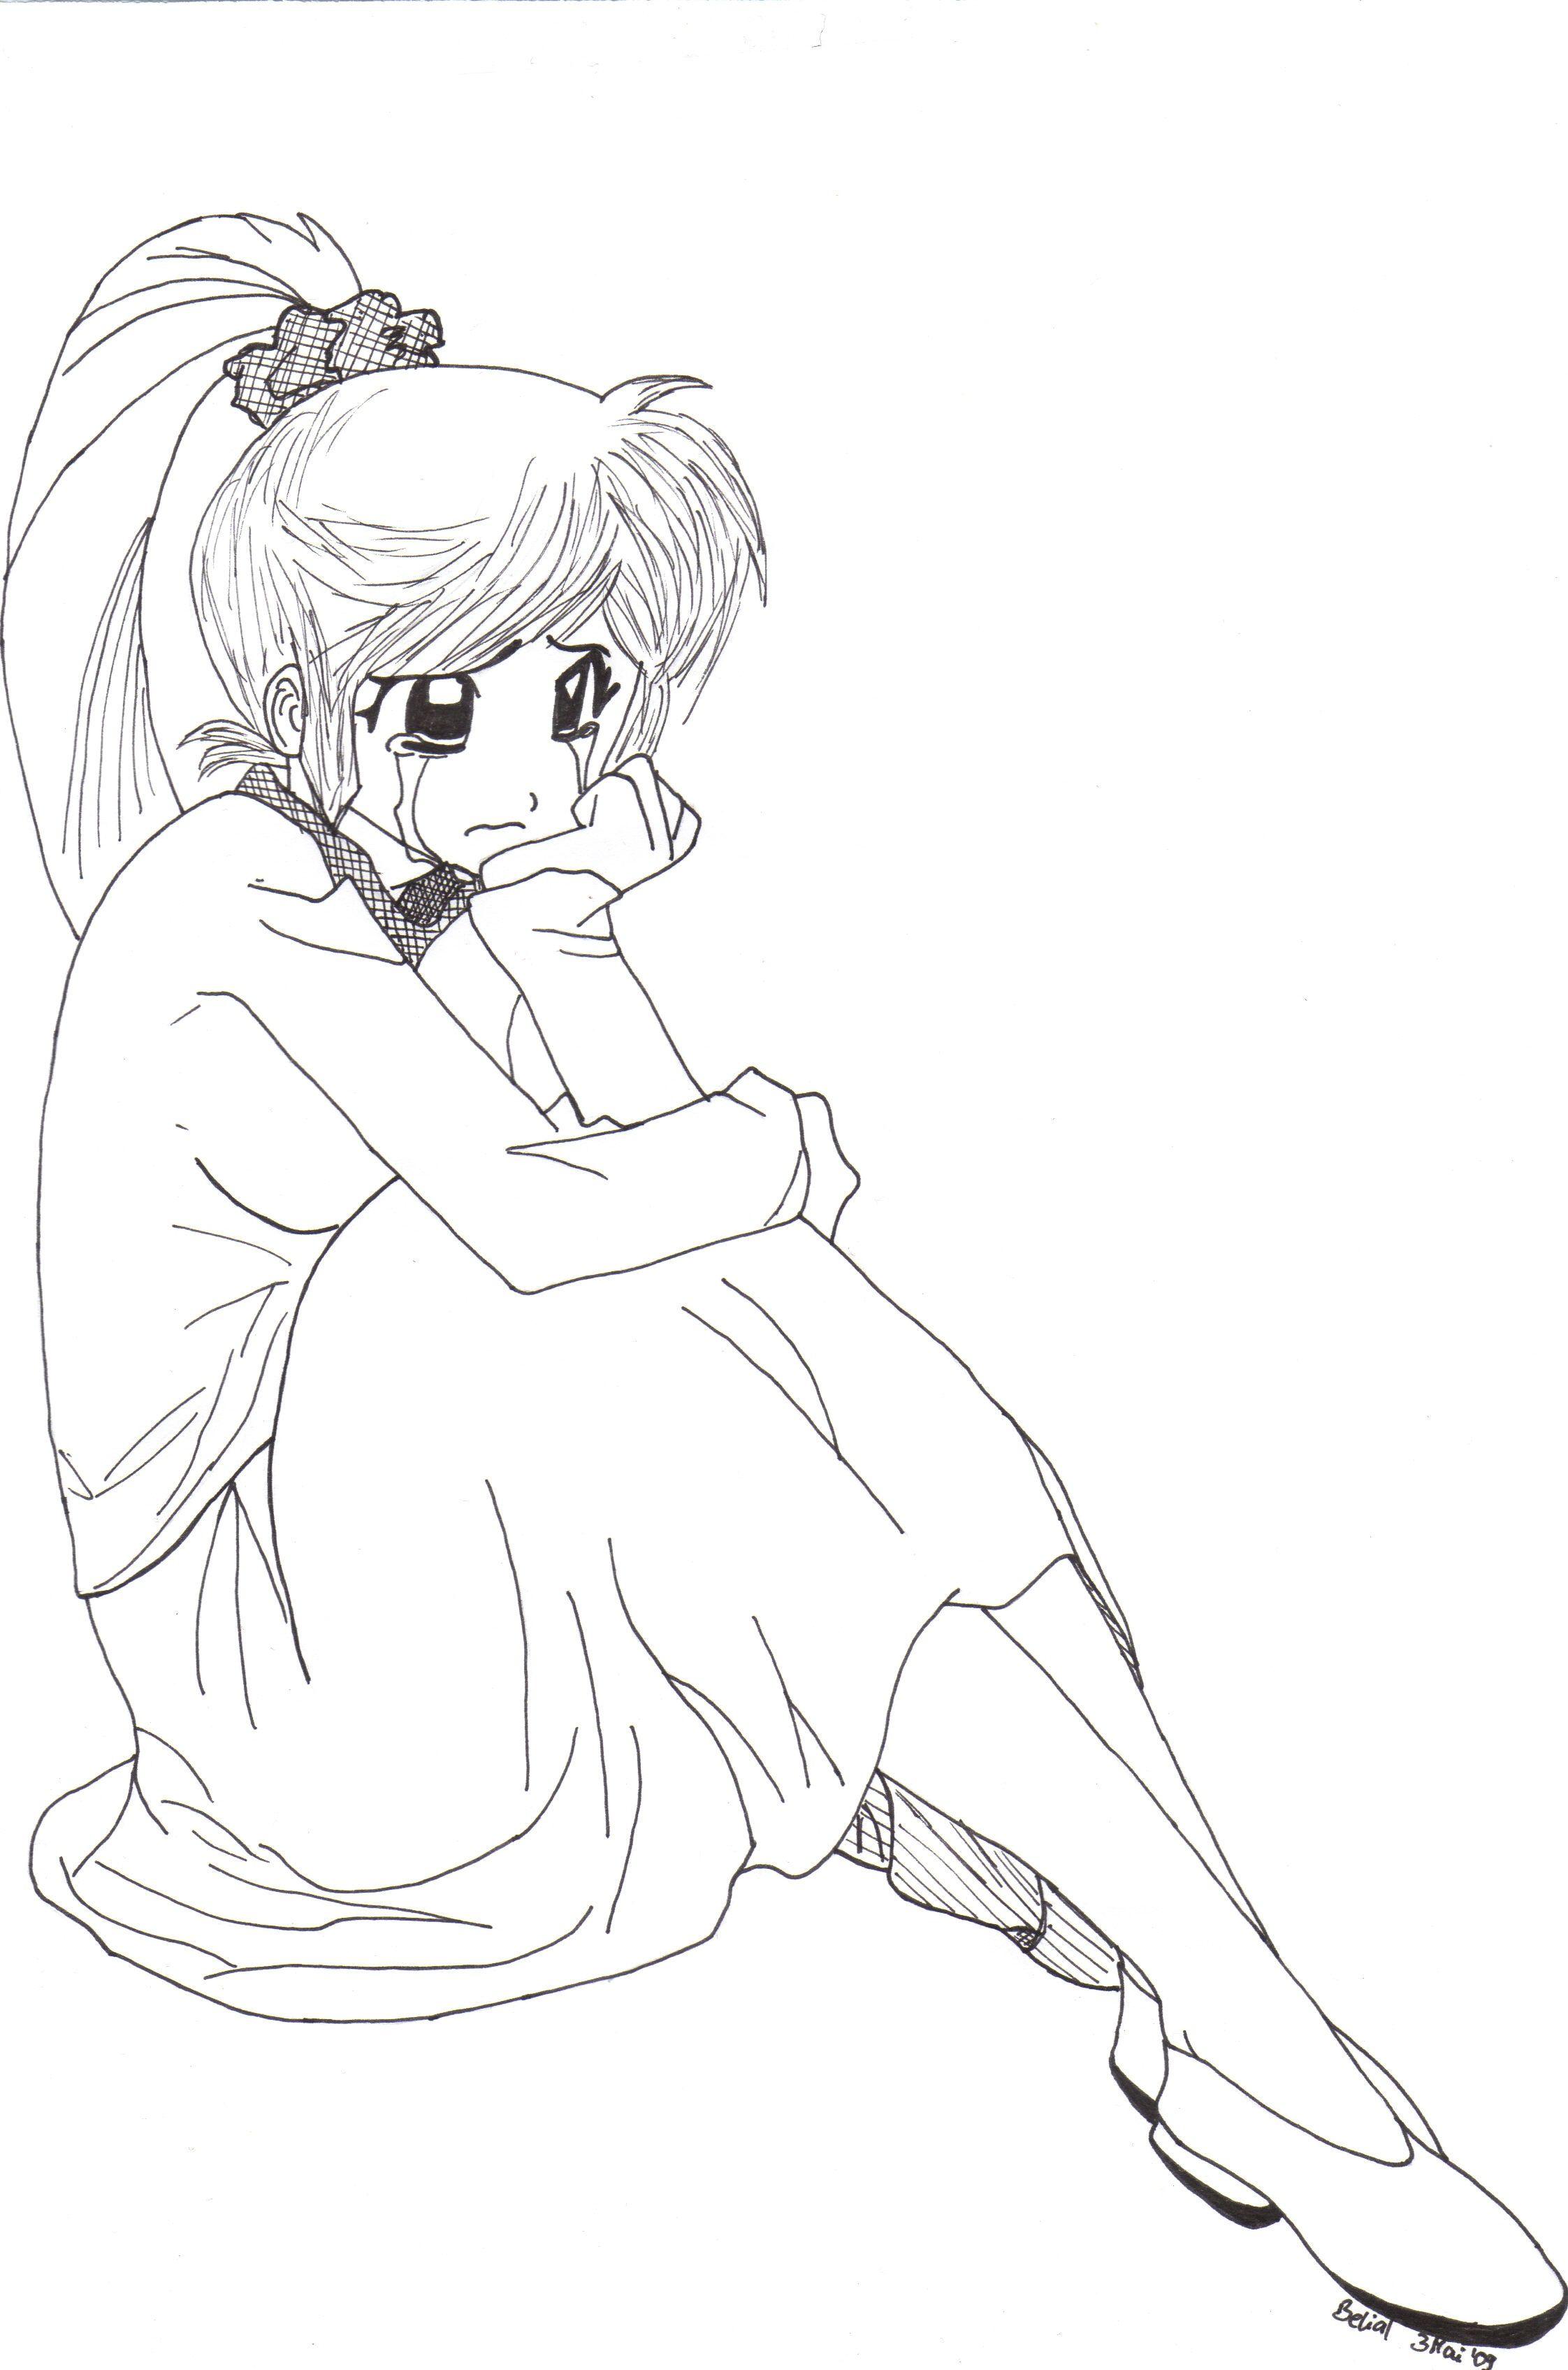 Anime Malvorlagen Quiz - tiffanylovesbooks